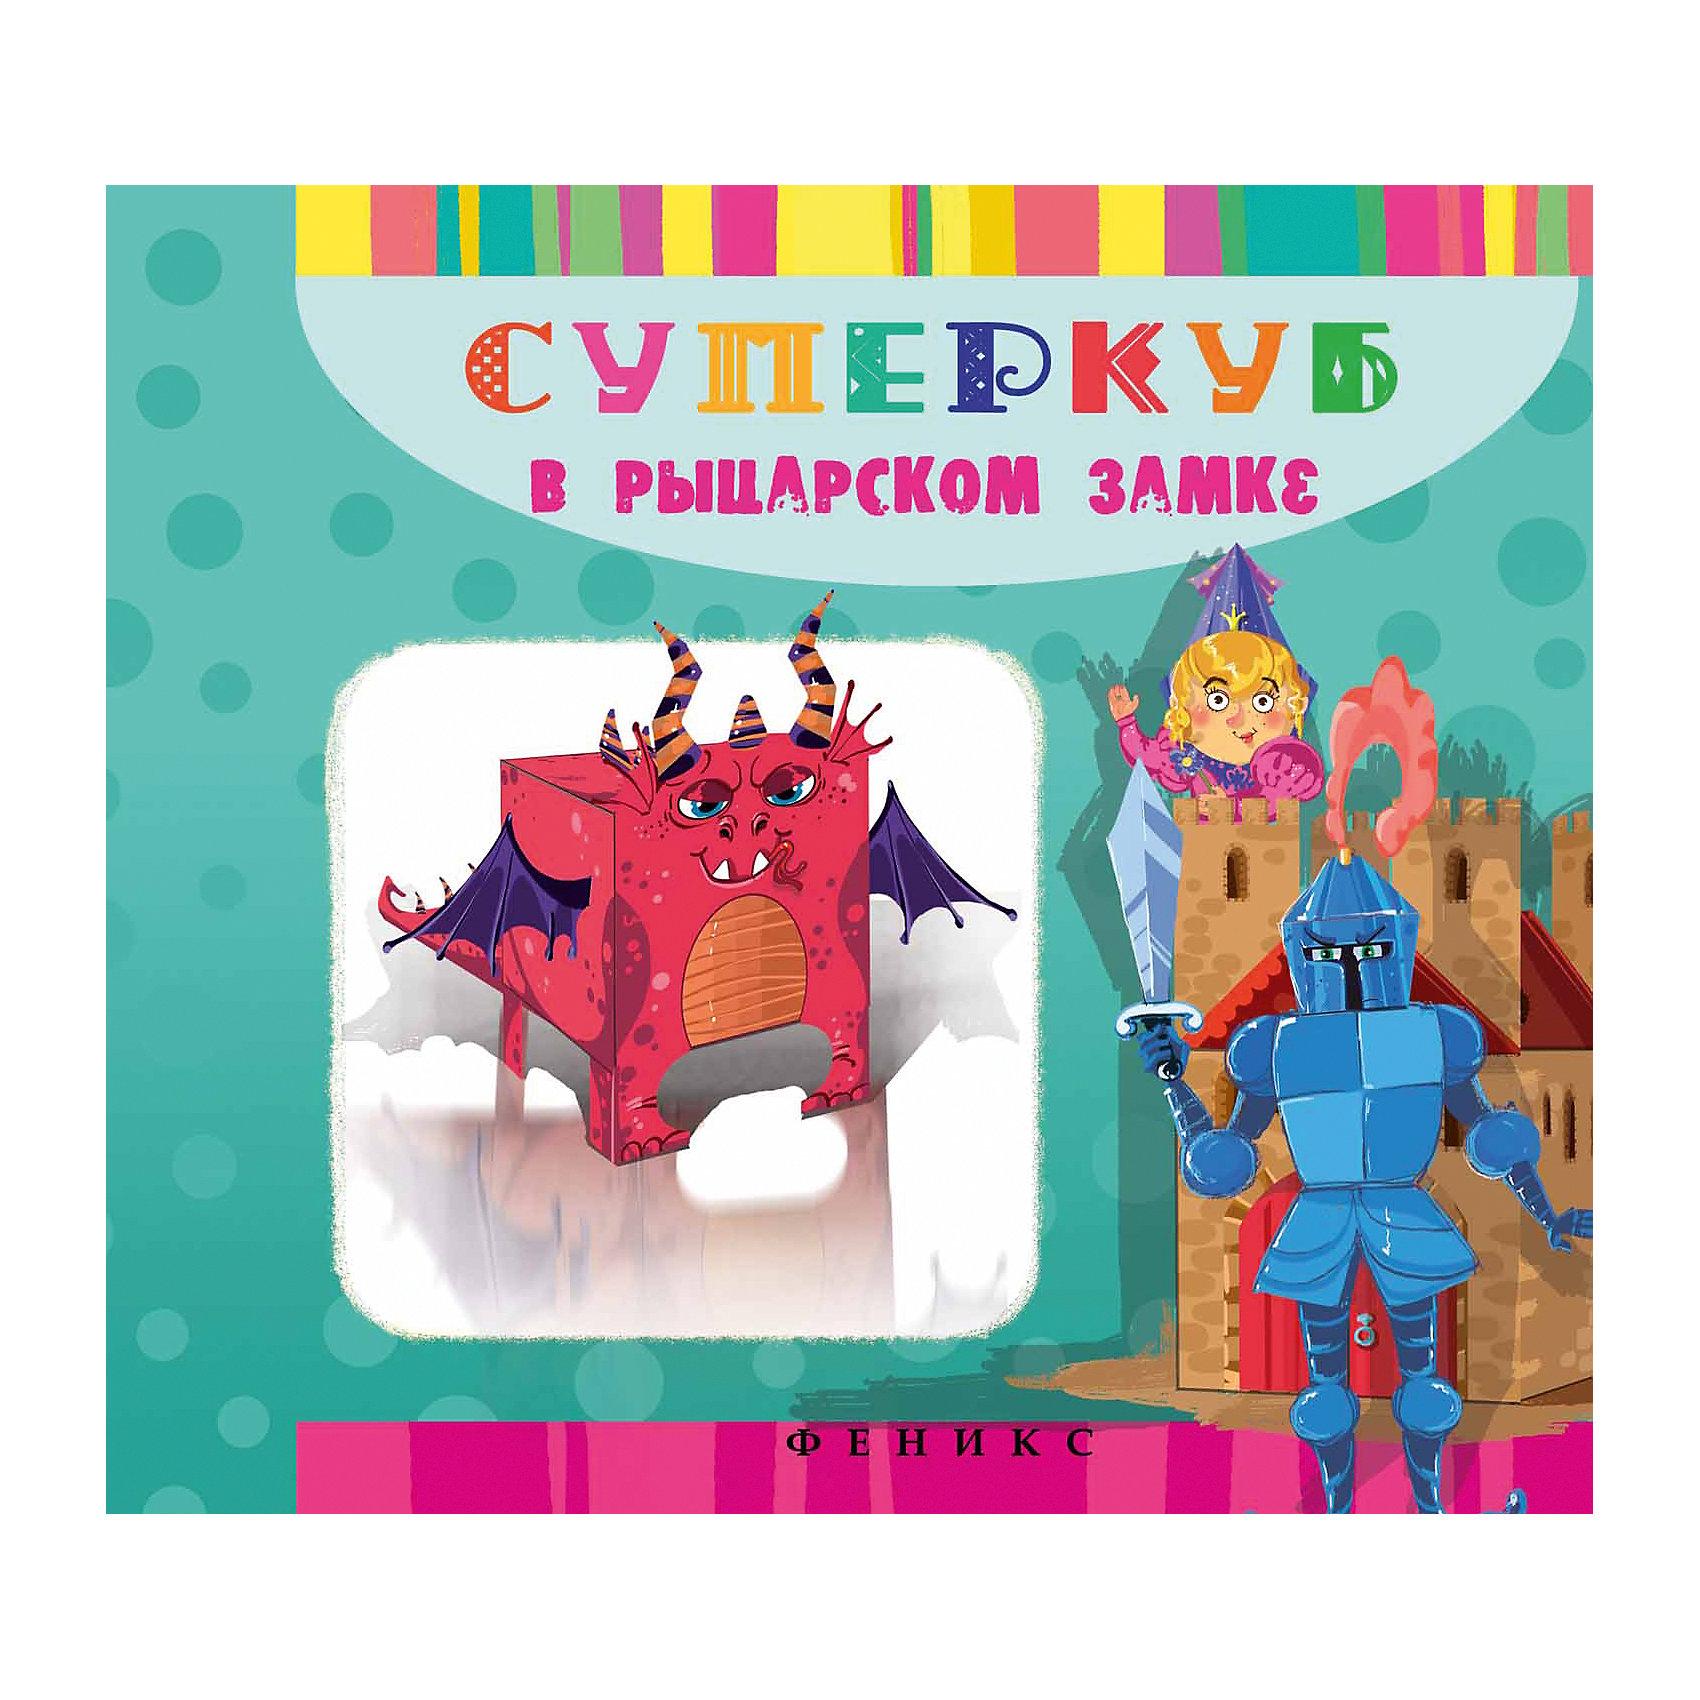 Суперкуб в рыцарском замкеРукоделие<br>Книжка с наклейками Суперкуб в рыцарском замке<br><br>Характеристики: <br><br>• Кол-во страниц: 11<br>• ISBN: 9785222248683<br>• Возраст: 6+<br>• Обложка: мягкая<br>• Формат: а4<br><br>Пользуясь этой книгой, ребенок сможет собрать несколько ярких игрушек из серии Суперкуб. Для склейки игрушек необходимы ножницы и клей, а все остальное содержится прямо на страницах этой книги. Работа с такой книгой поможет развить ребенку мелкую моторику, внимательность, а родителям обеспечит несколько часов тишины и покоя.<br><br>Книжка с наклейками Суперкуб в рыцарском замке можно купить в нашем интернет-магазине.<br><br>Ширина мм: 215<br>Глубина мм: 215<br>Высота мм: 20<br>Вес г: 60<br>Возраст от месяцев: 72<br>Возраст до месяцев: 2147483647<br>Пол: Унисекс<br>Возраст: Детский<br>SKU: 5464572